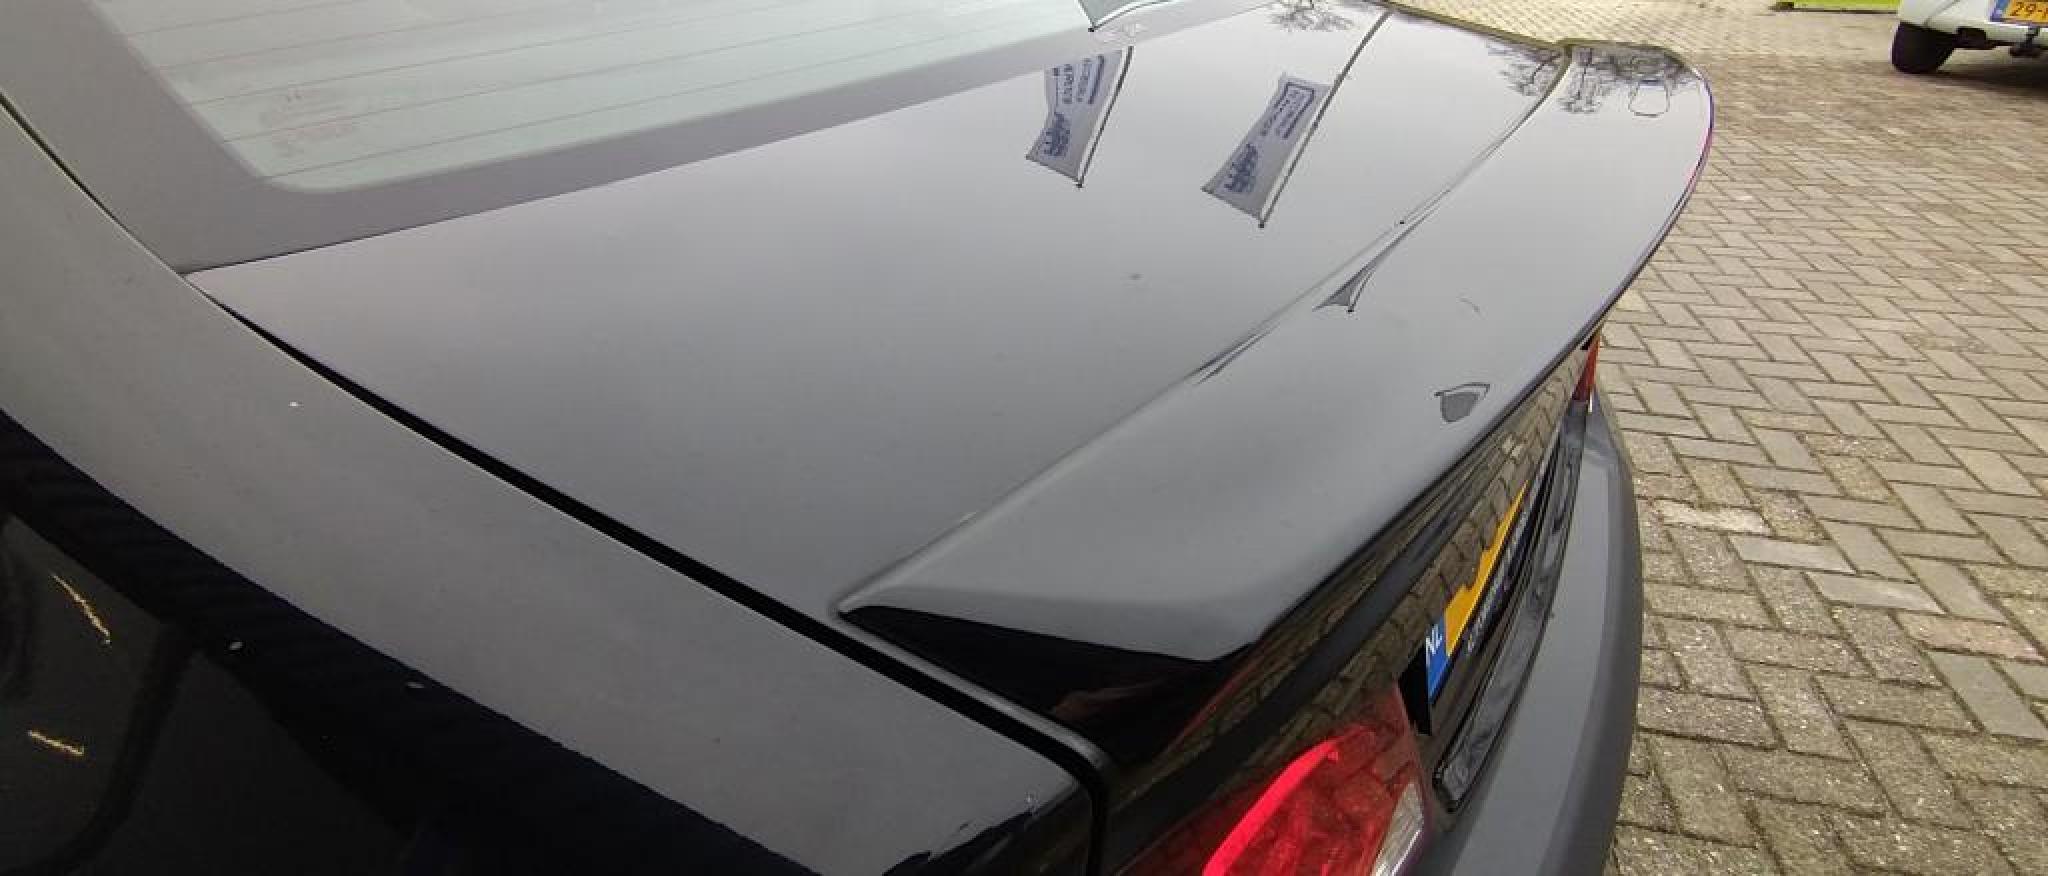 Honda-Civic-6